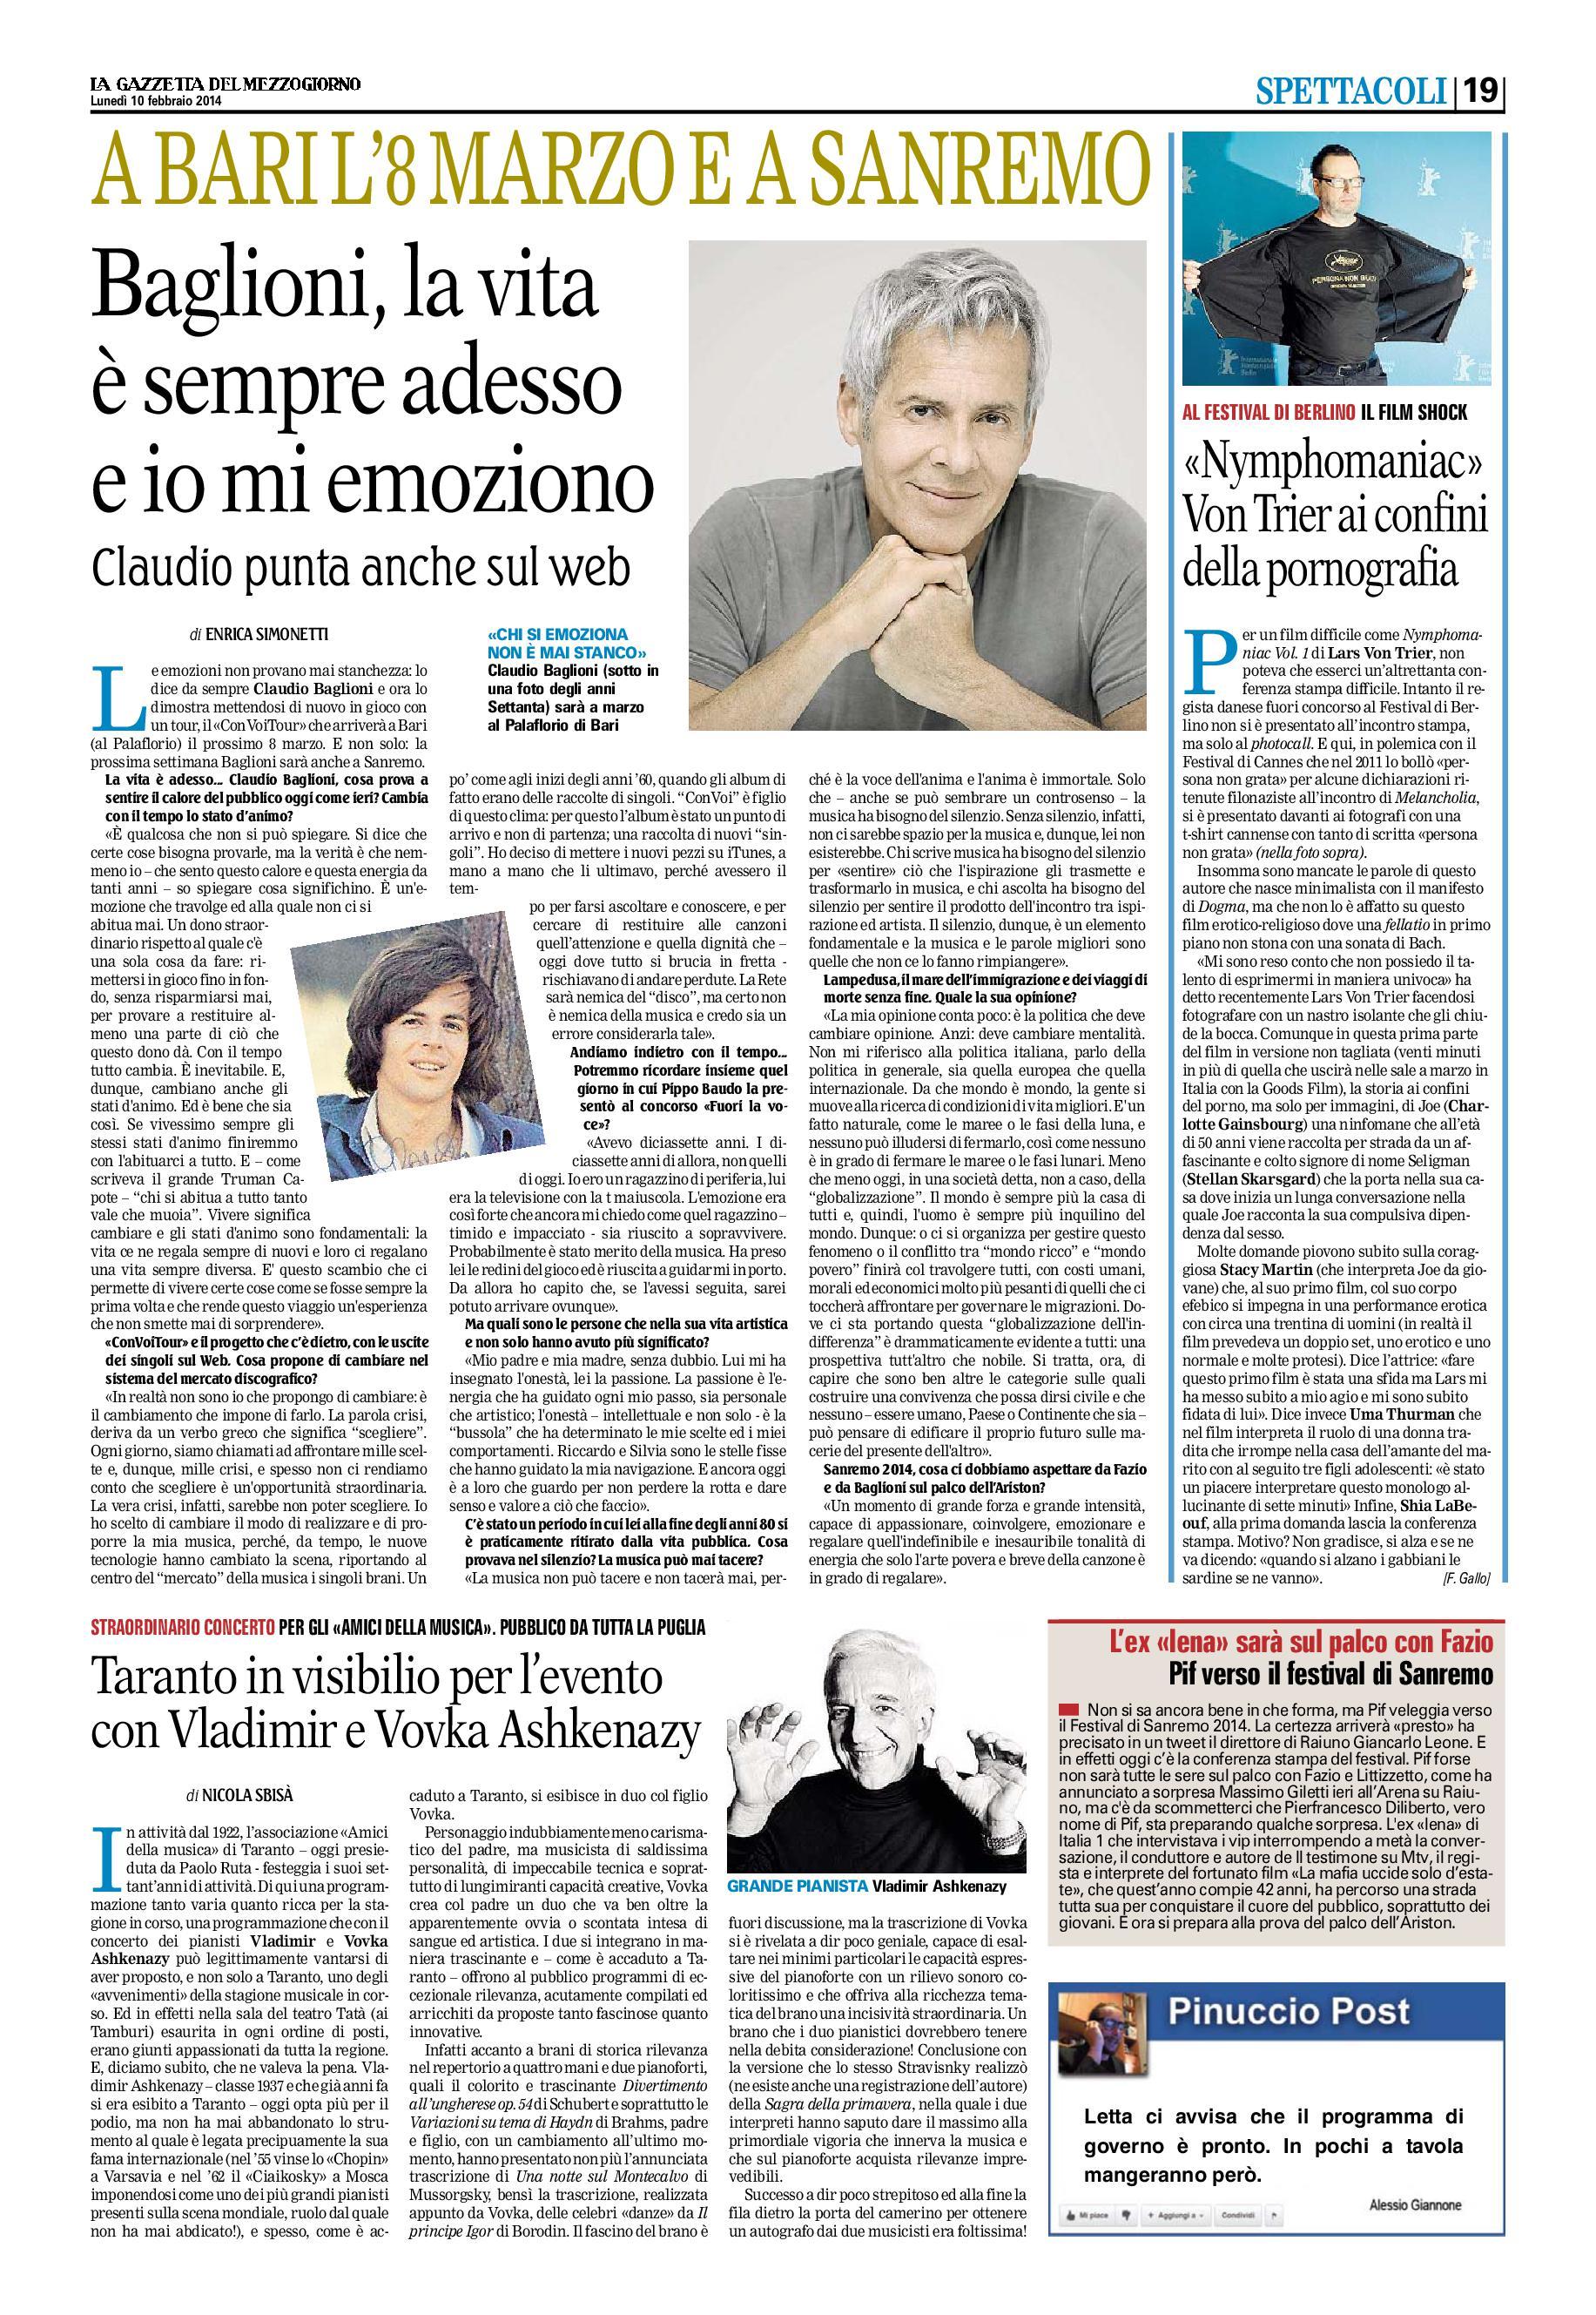 LA GAZZETTA DEL MEZZOGIORNO - 10 FEBBRAIO-001